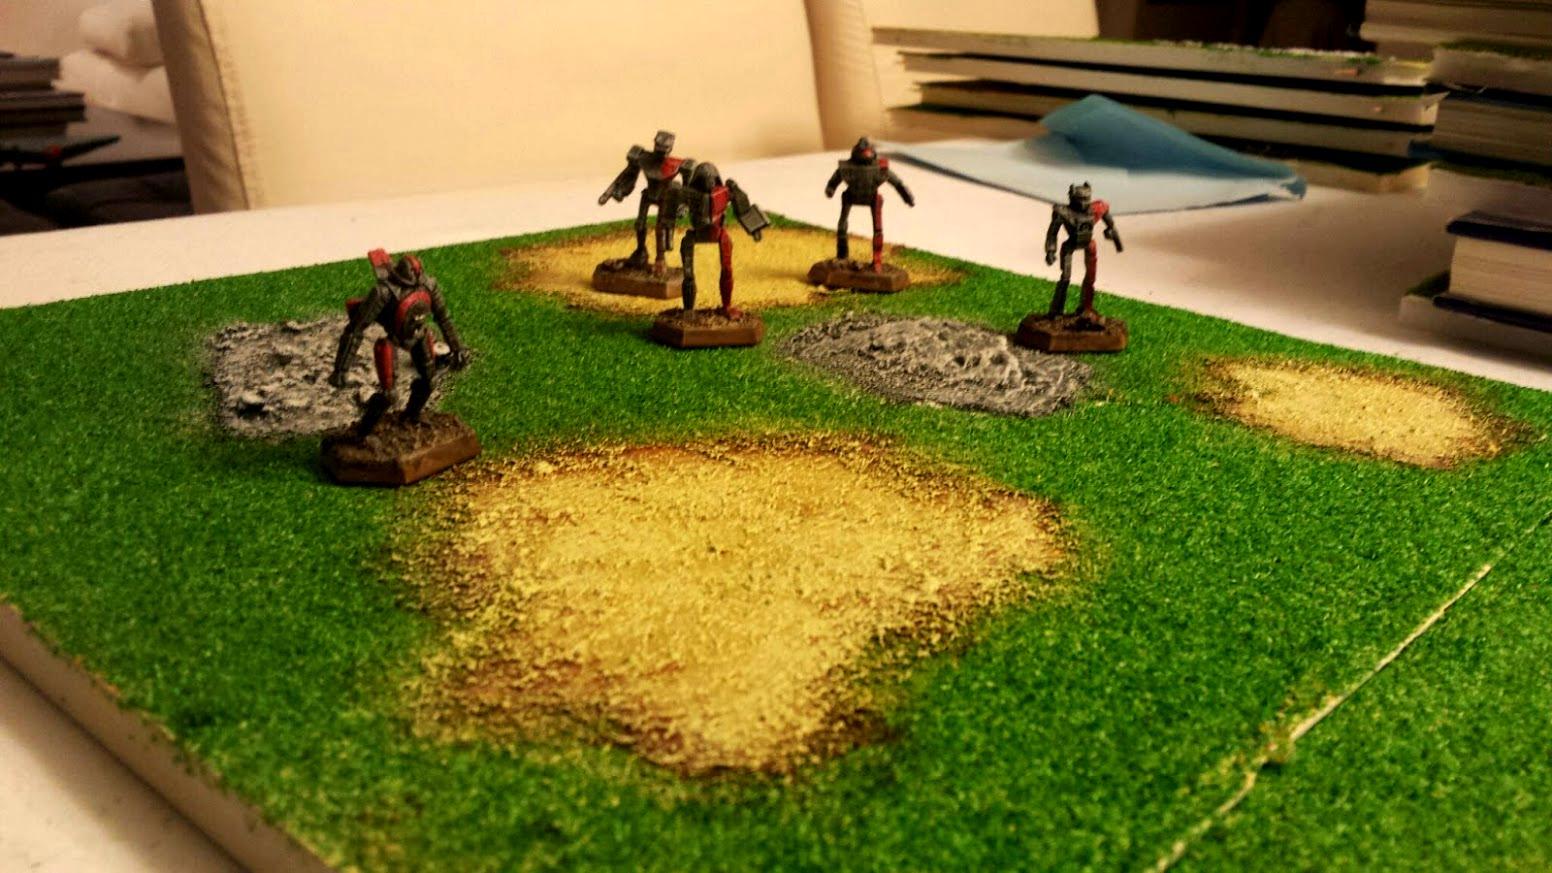 Battletech, Difficult Ground, Modular, Pe3dion, Terrain